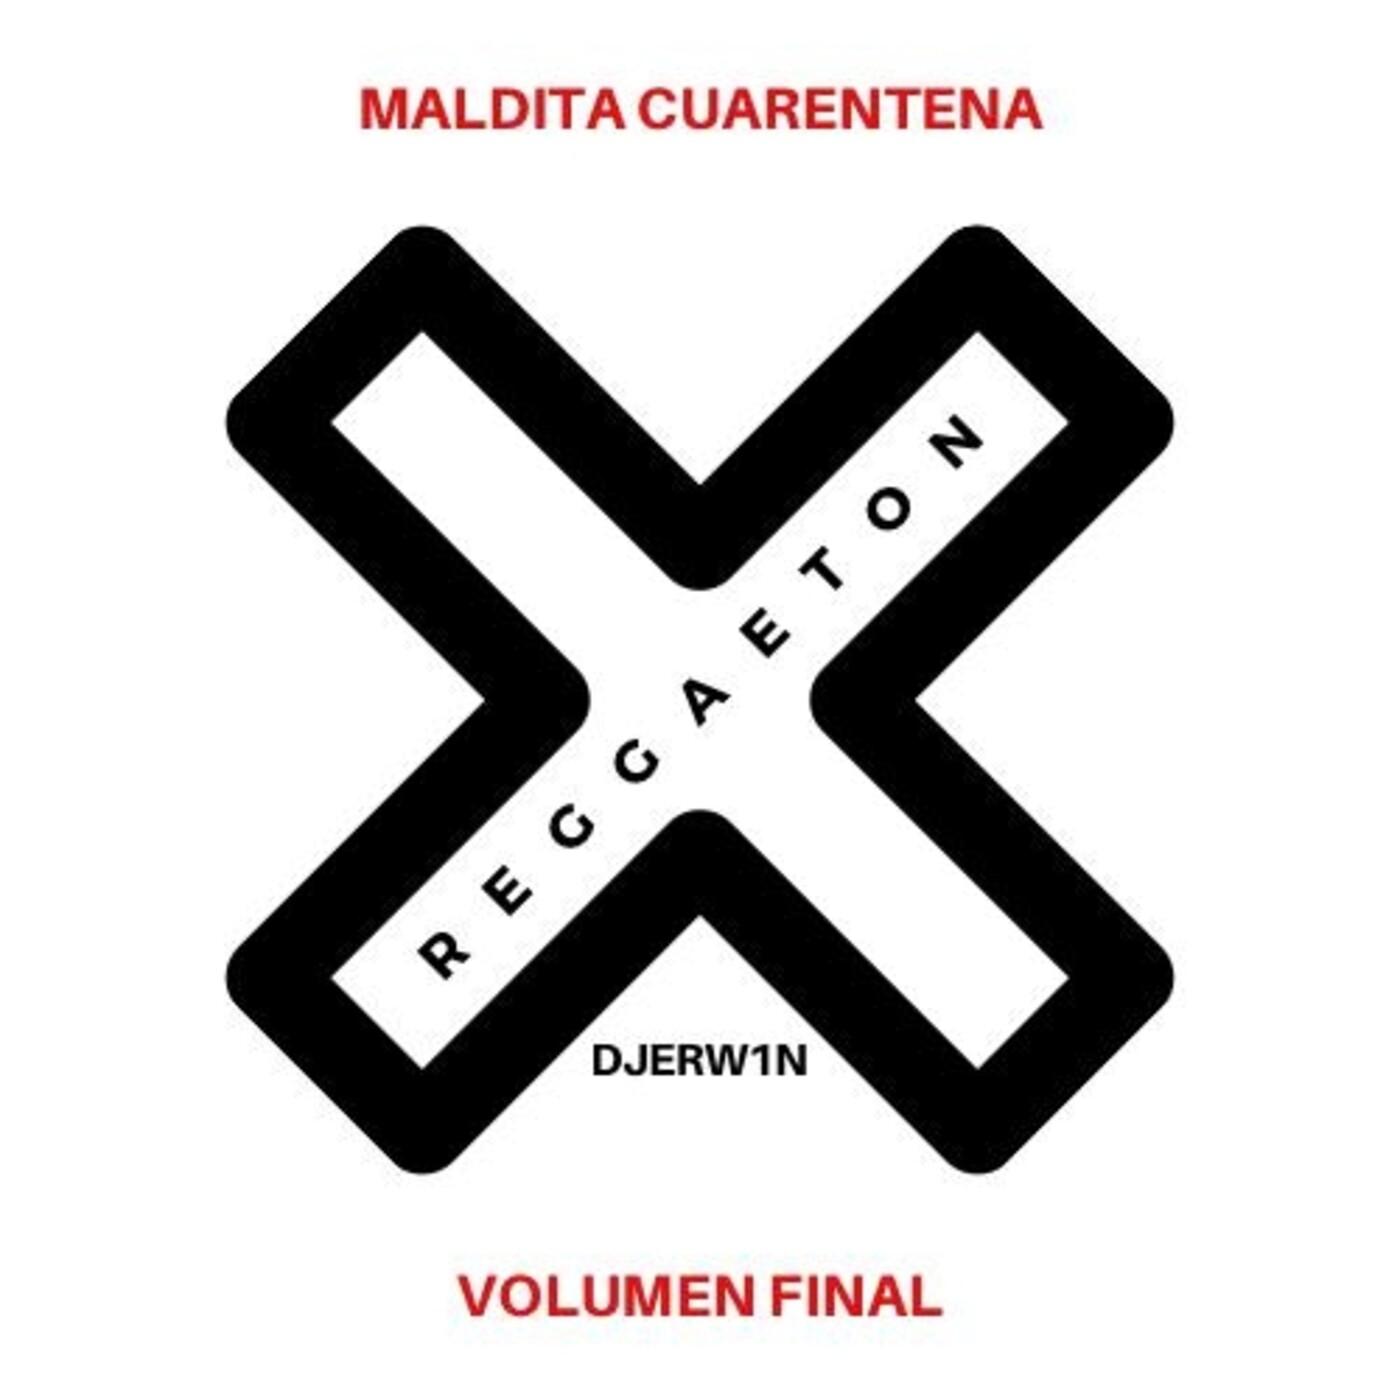 Maldita Cuarentena Vol. Final